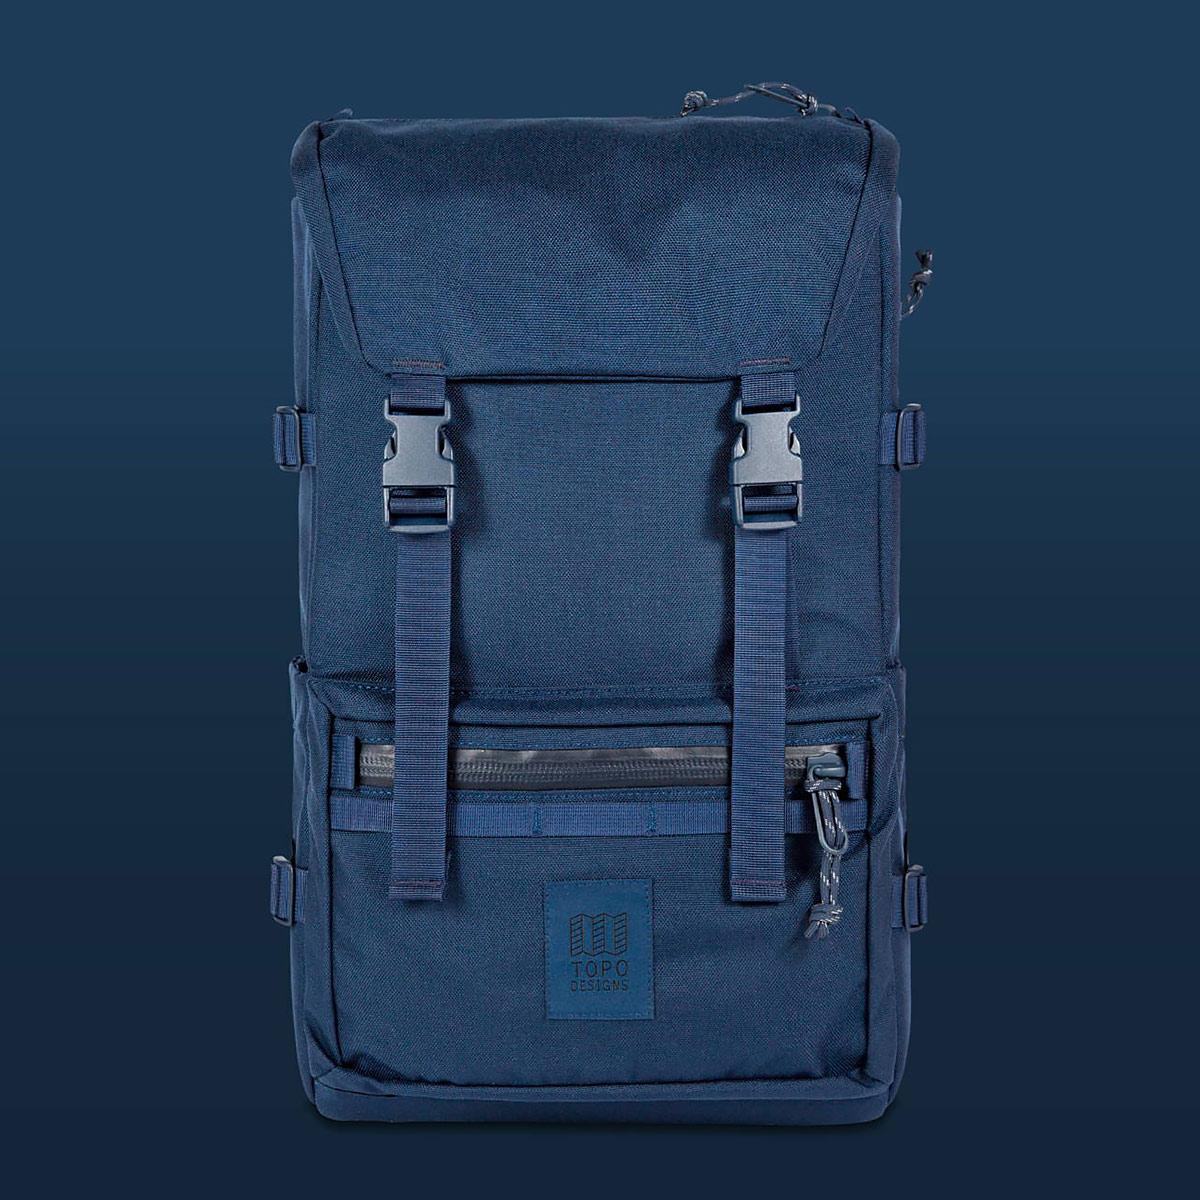 Topo Designs Rover Pack Tech Navy, tijdloze rugzak met moderne functionaliteiten voor dagelijks gebruik